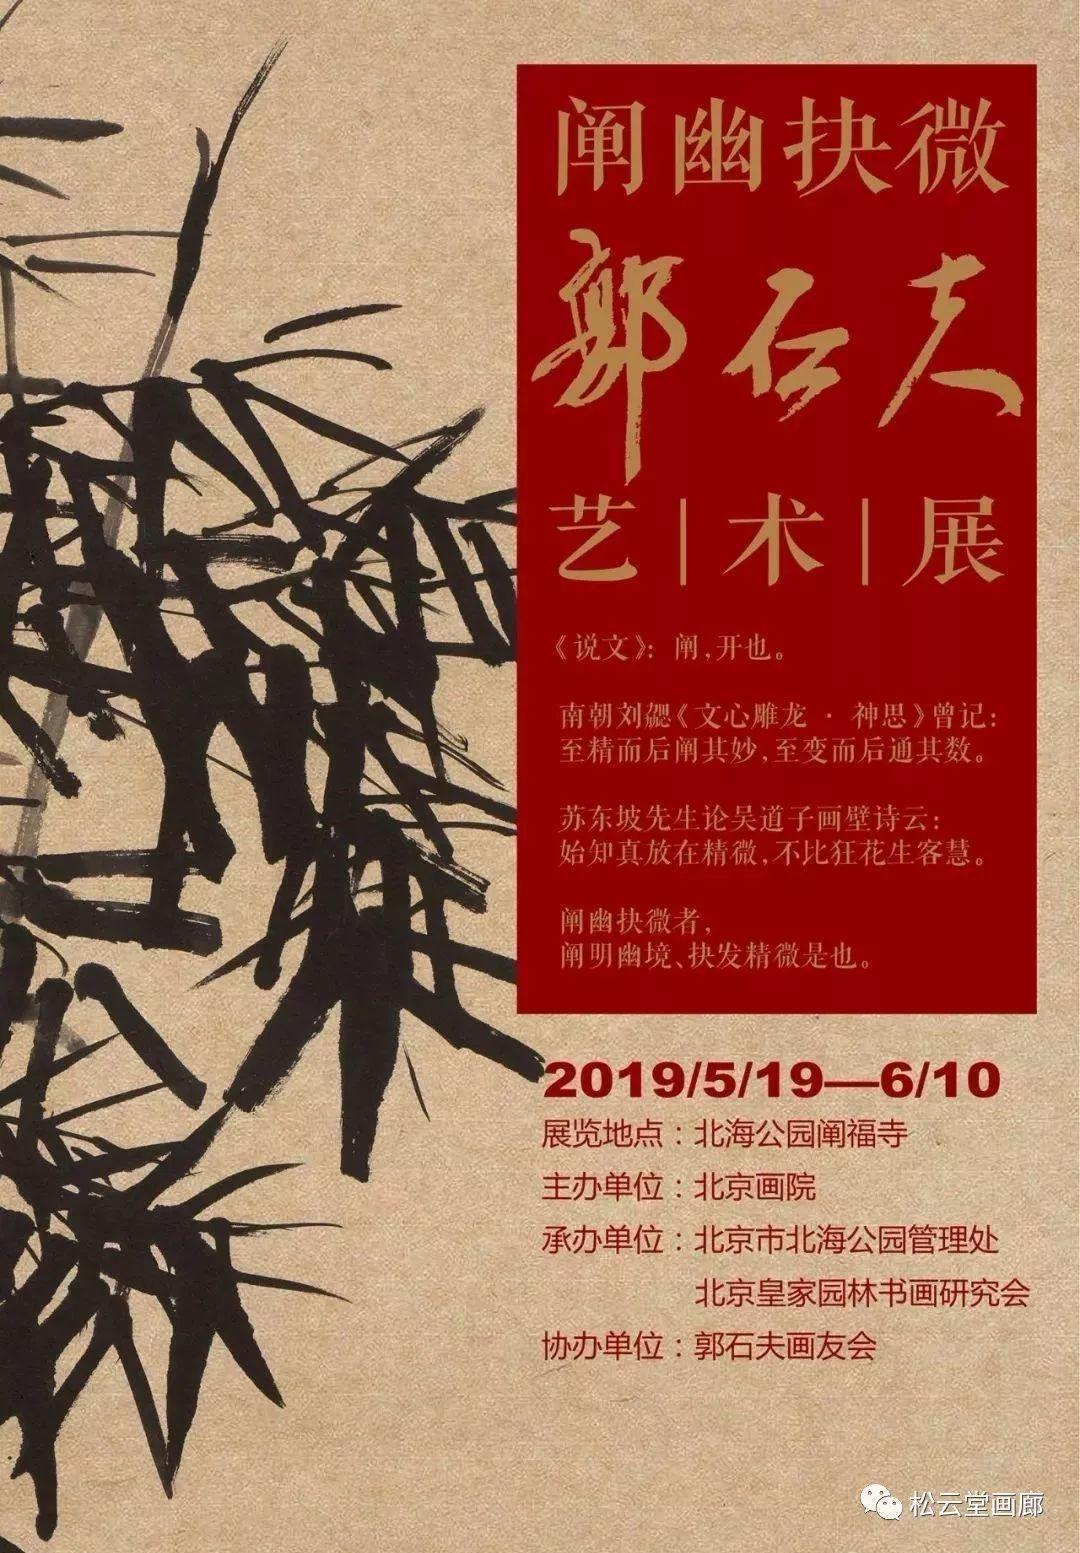 阐幽抉微 ——郭石夫艺术展(预告)